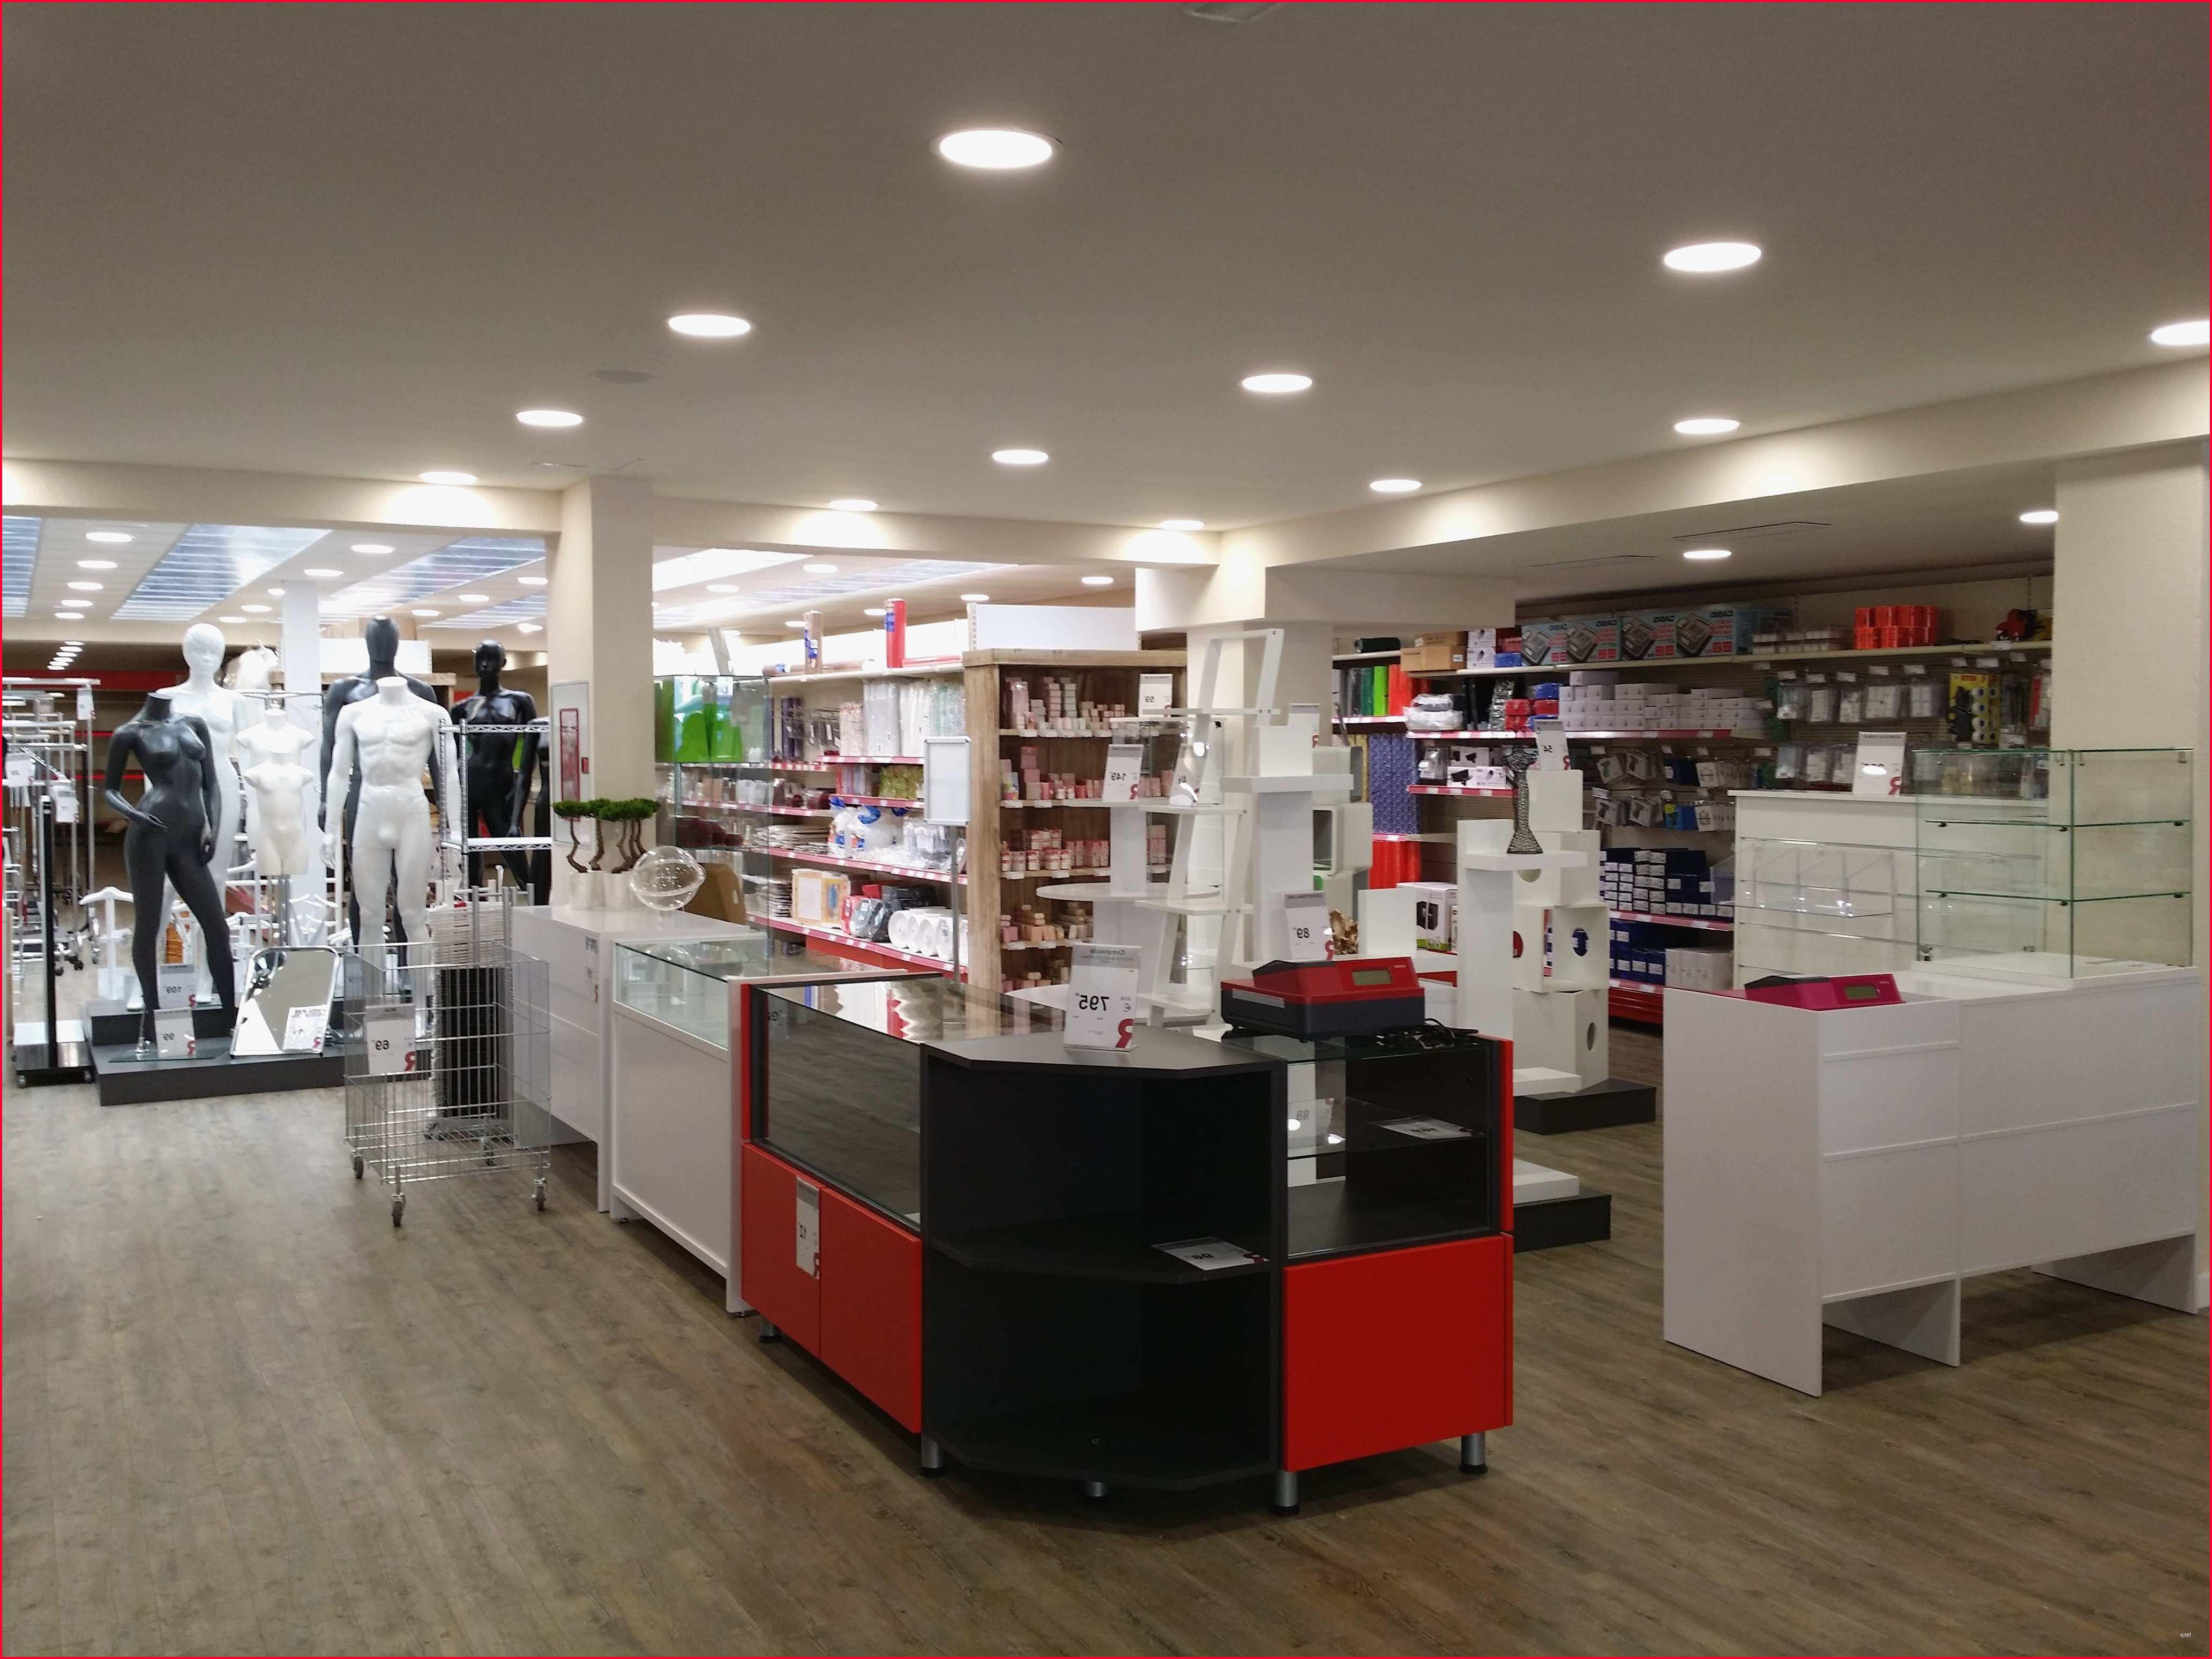 Tiendas De Muebles En Palencia 9fdy Tiendas De Muebles En Palencia Adorable Tiendas De Muebles En